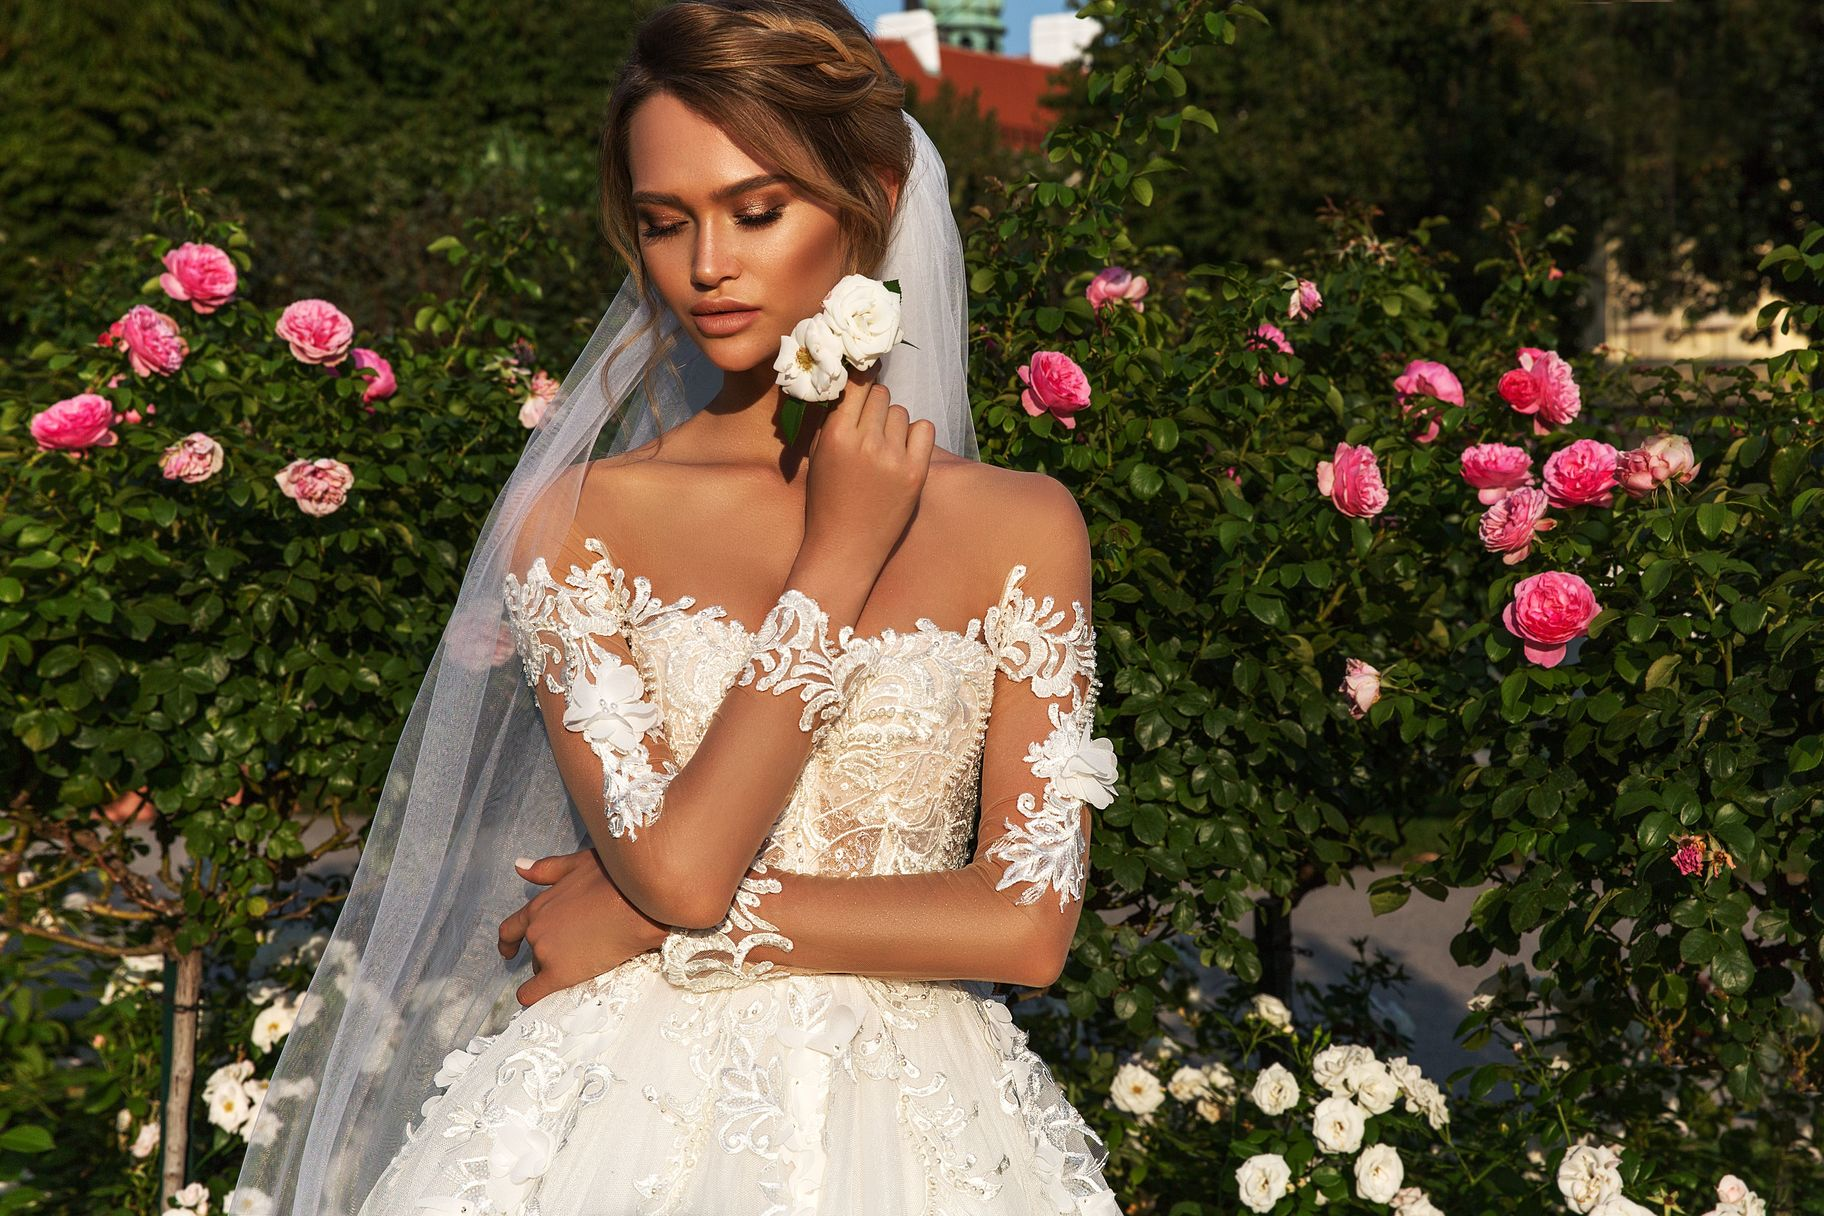 3aee7644233 Дизайнеры свадебных платьев стараются каждый сезон создавать новые модели.  Из богатого выбора невеста обязательно найдет свой наряд.